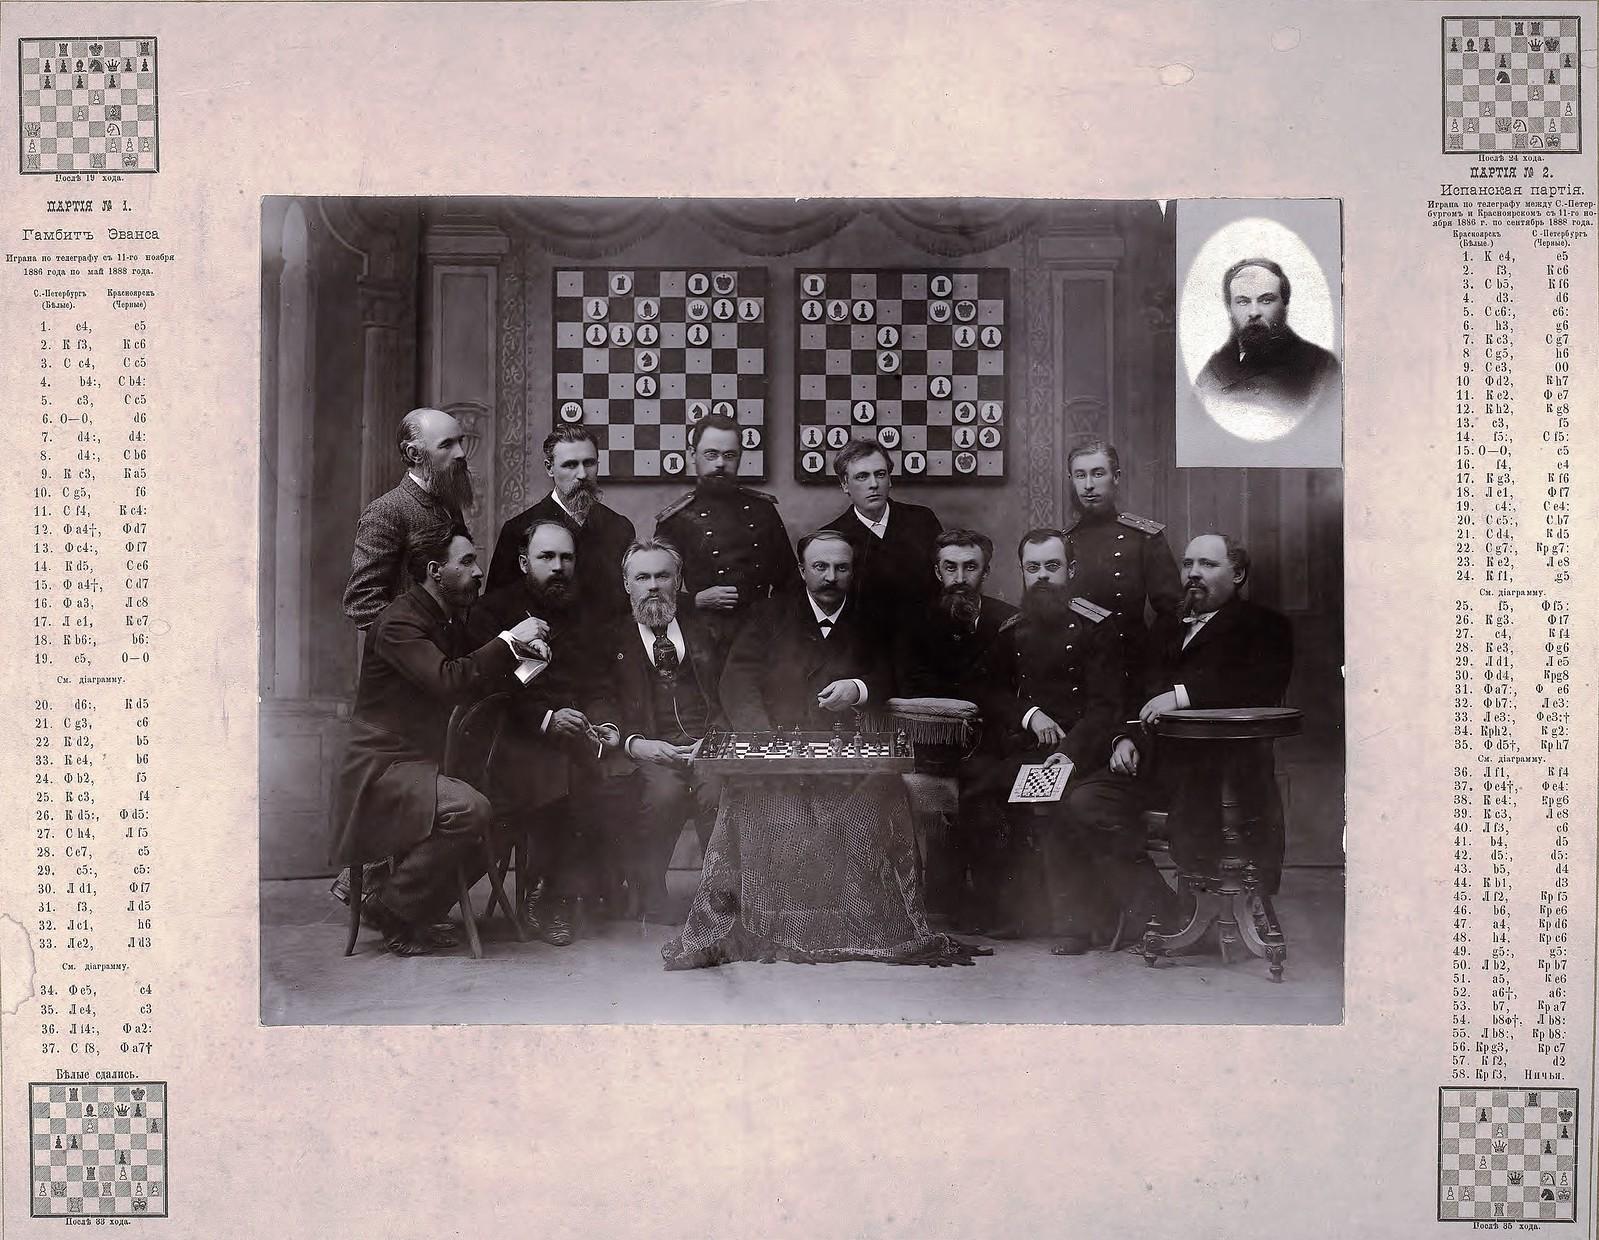 Члены шахматного кружка города Красноярска, участники телеграфного матча между командами Красноярска и Санкт-Петербурга с 11ноября 1886 по сентябрь 1888